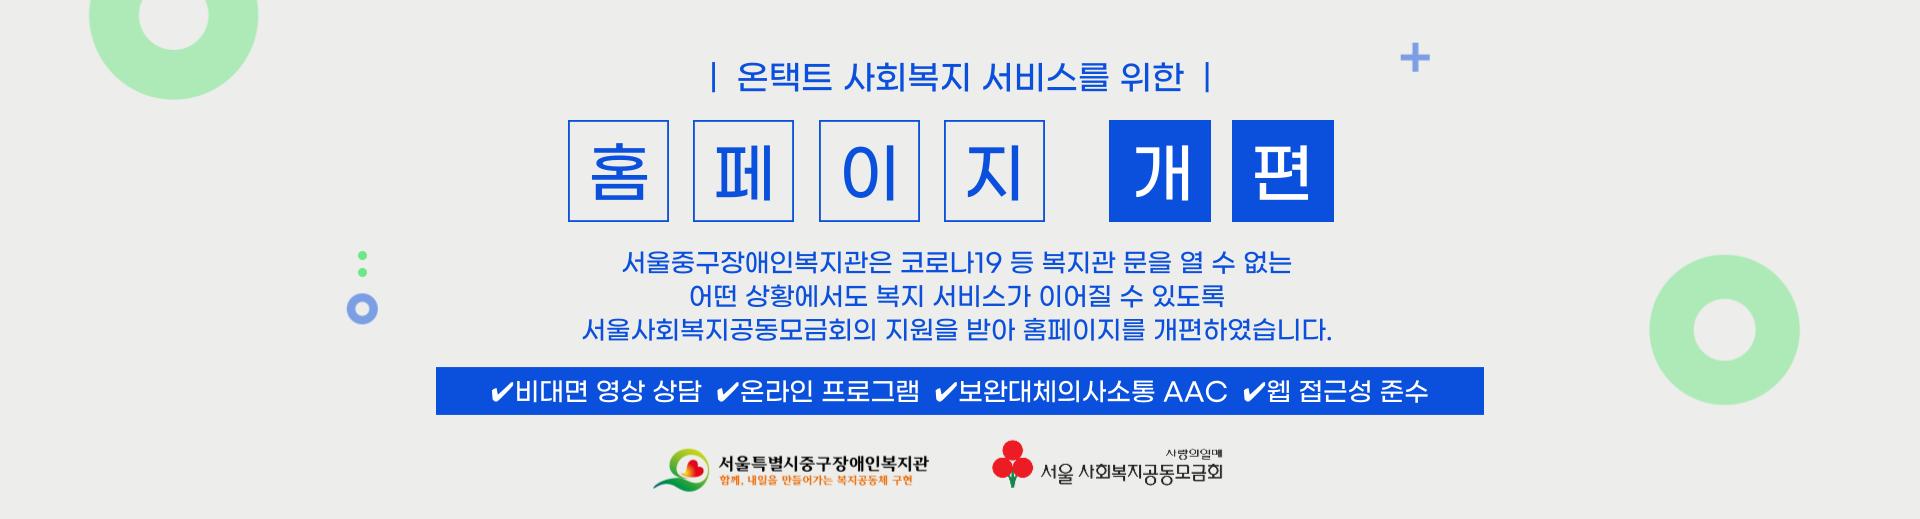 온택트 사회복지 서비스를 위한 홈페이지 개편 / 서울중구장애인복지관은 코로나19 등 복지관 문을 열 수 없는 어떤 상황에서도 복지서비스가 이어질 수 있도록 서울사회복지공동모금회의 지원을 받아 홈페이지를 개편하였습니다 / 비대면 영상 상담, 온라인 프로그램, 보완대체의사소통 AAC, 웹접근성 준수